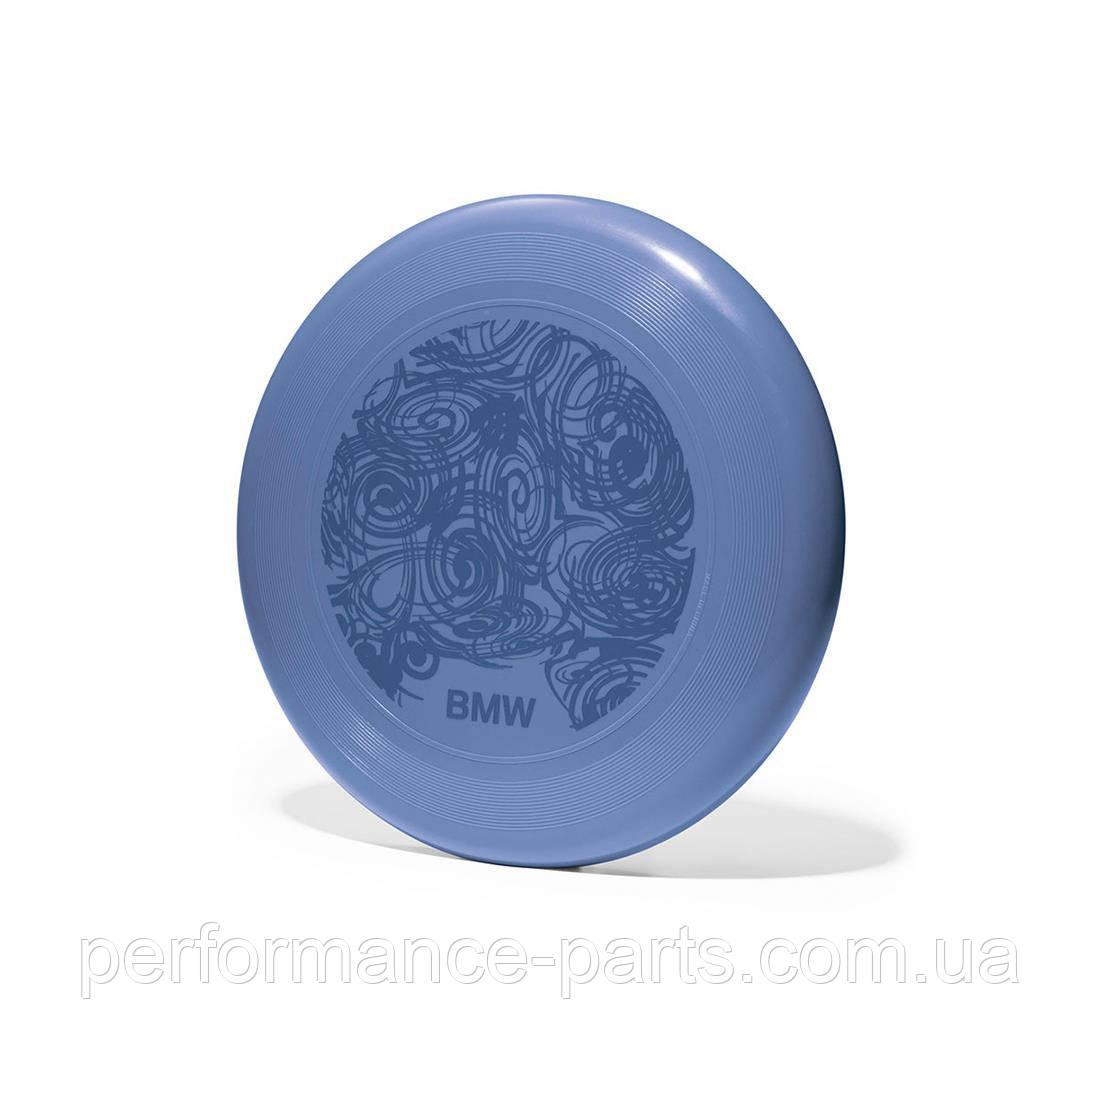 Летающая тарелка (фрисби) BMW Active Disc, Blue 80232446018